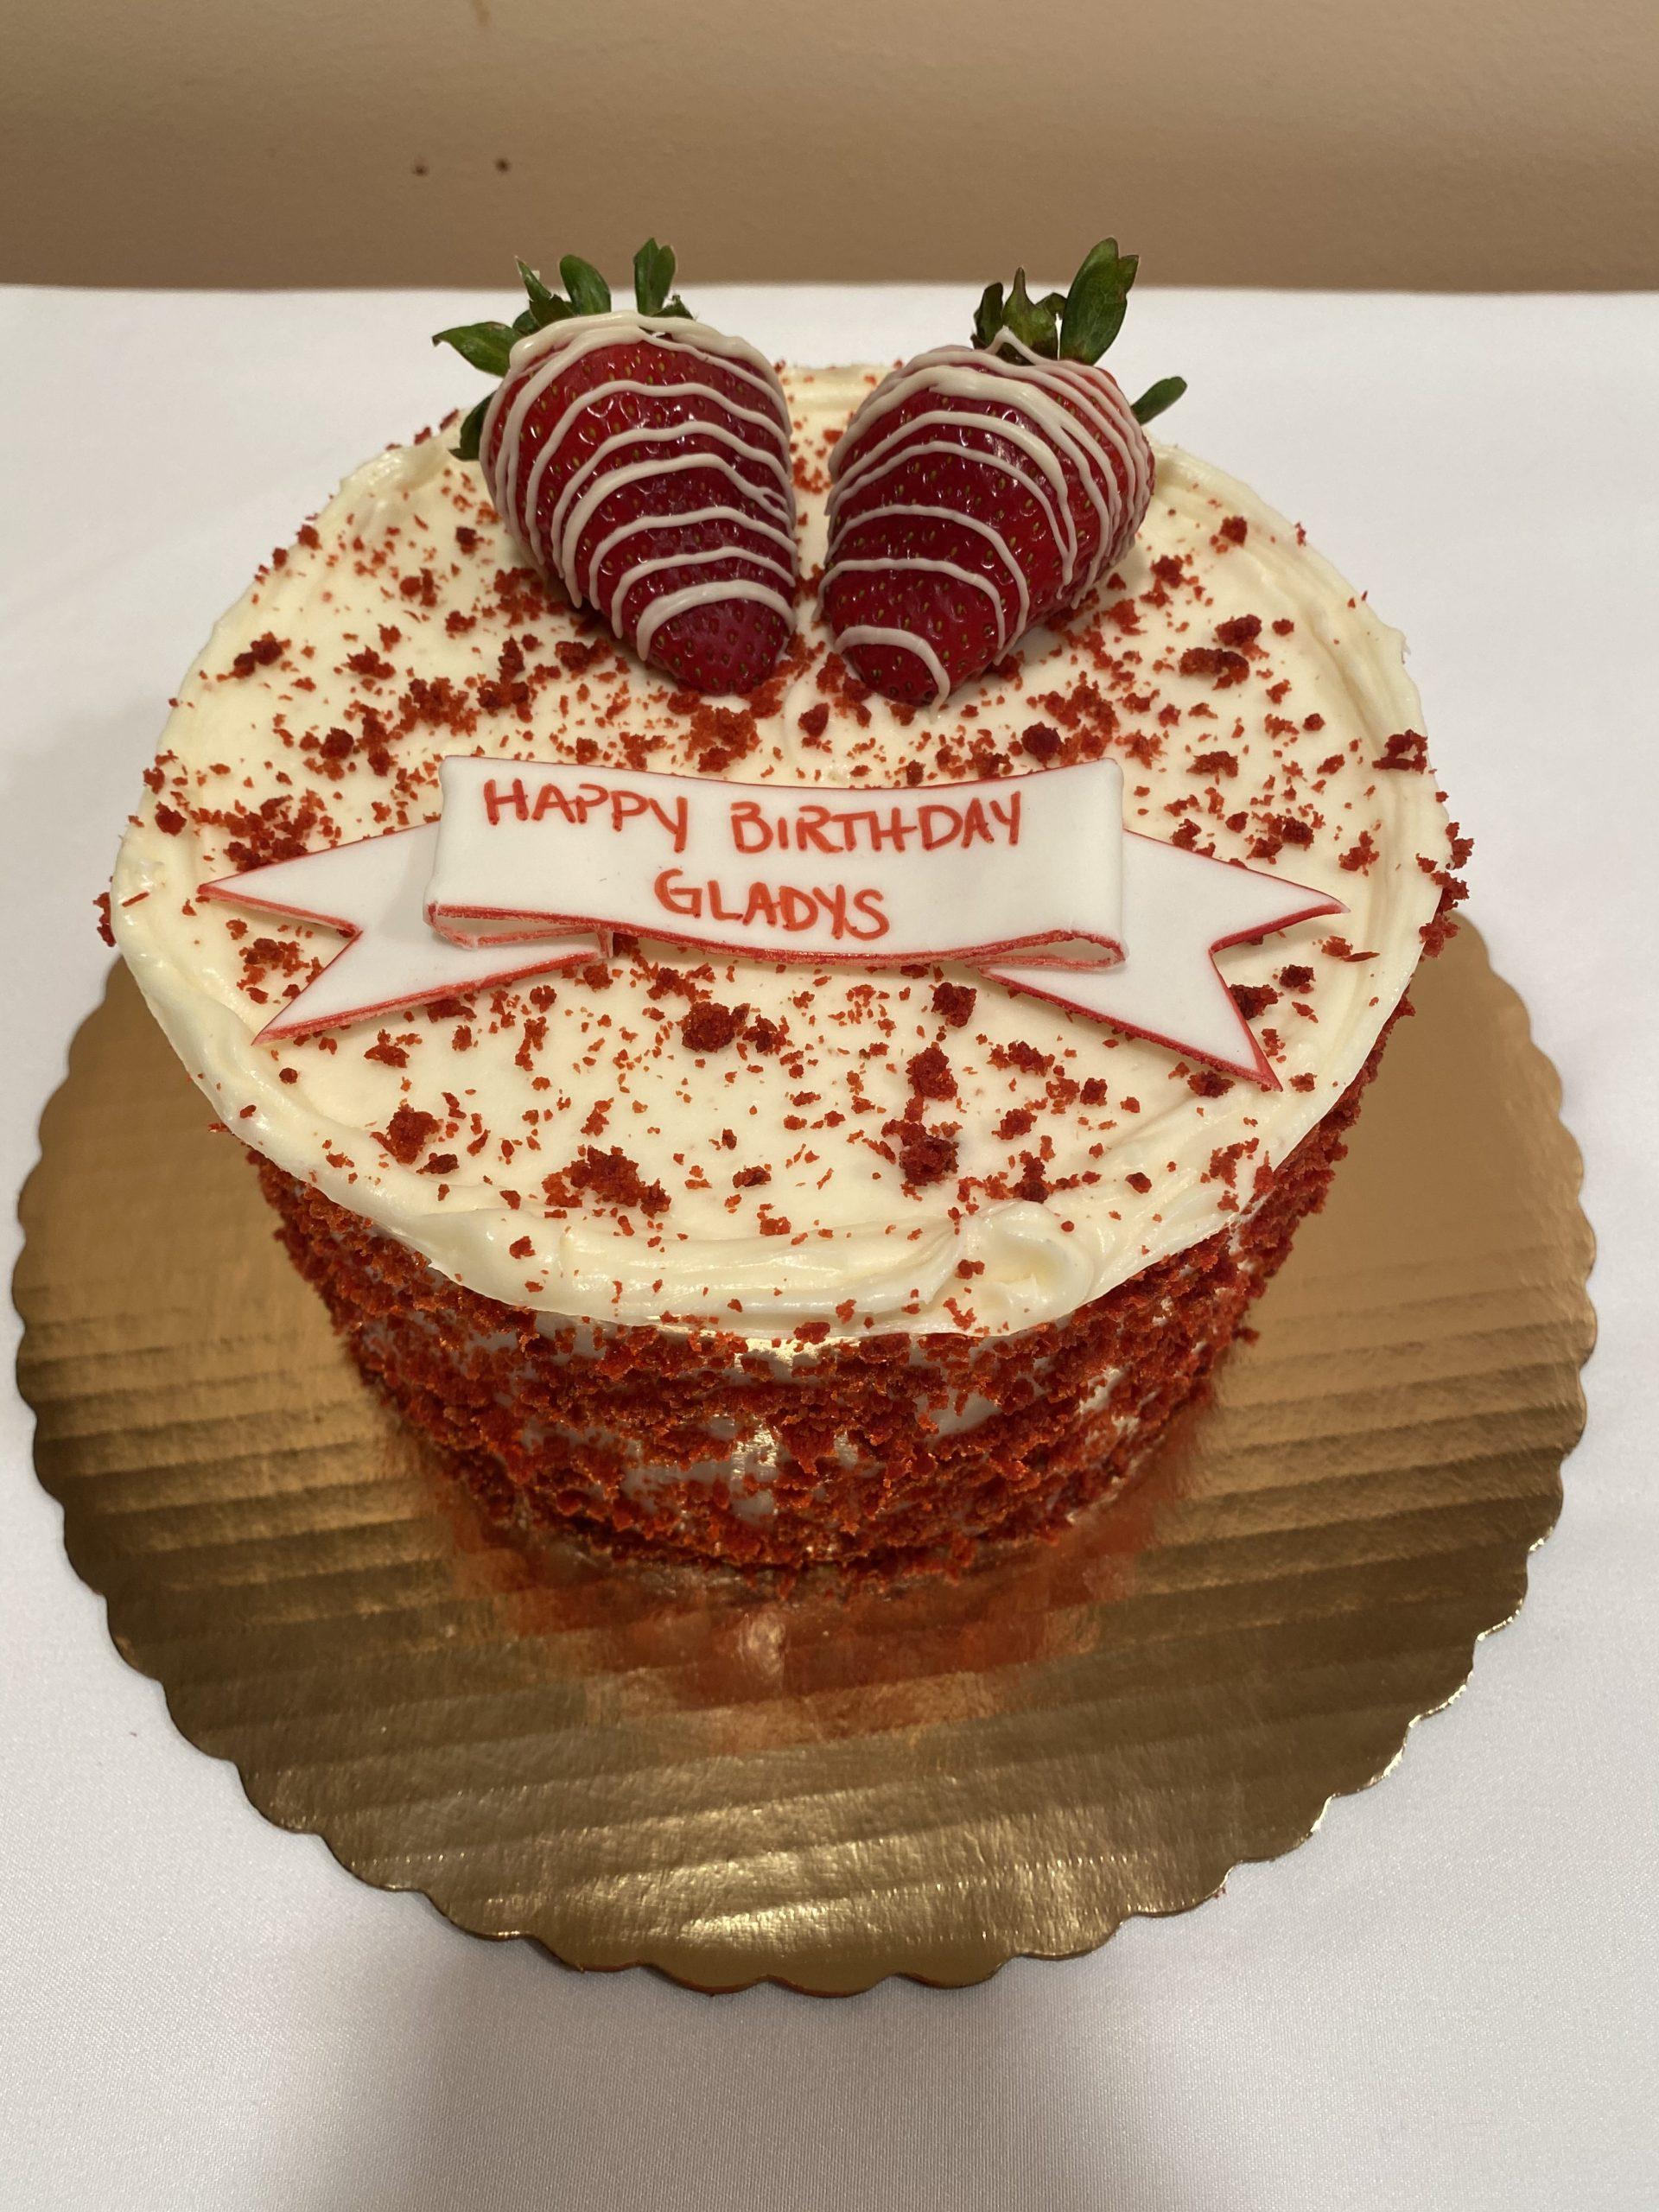 Red Velvet with Strawberries